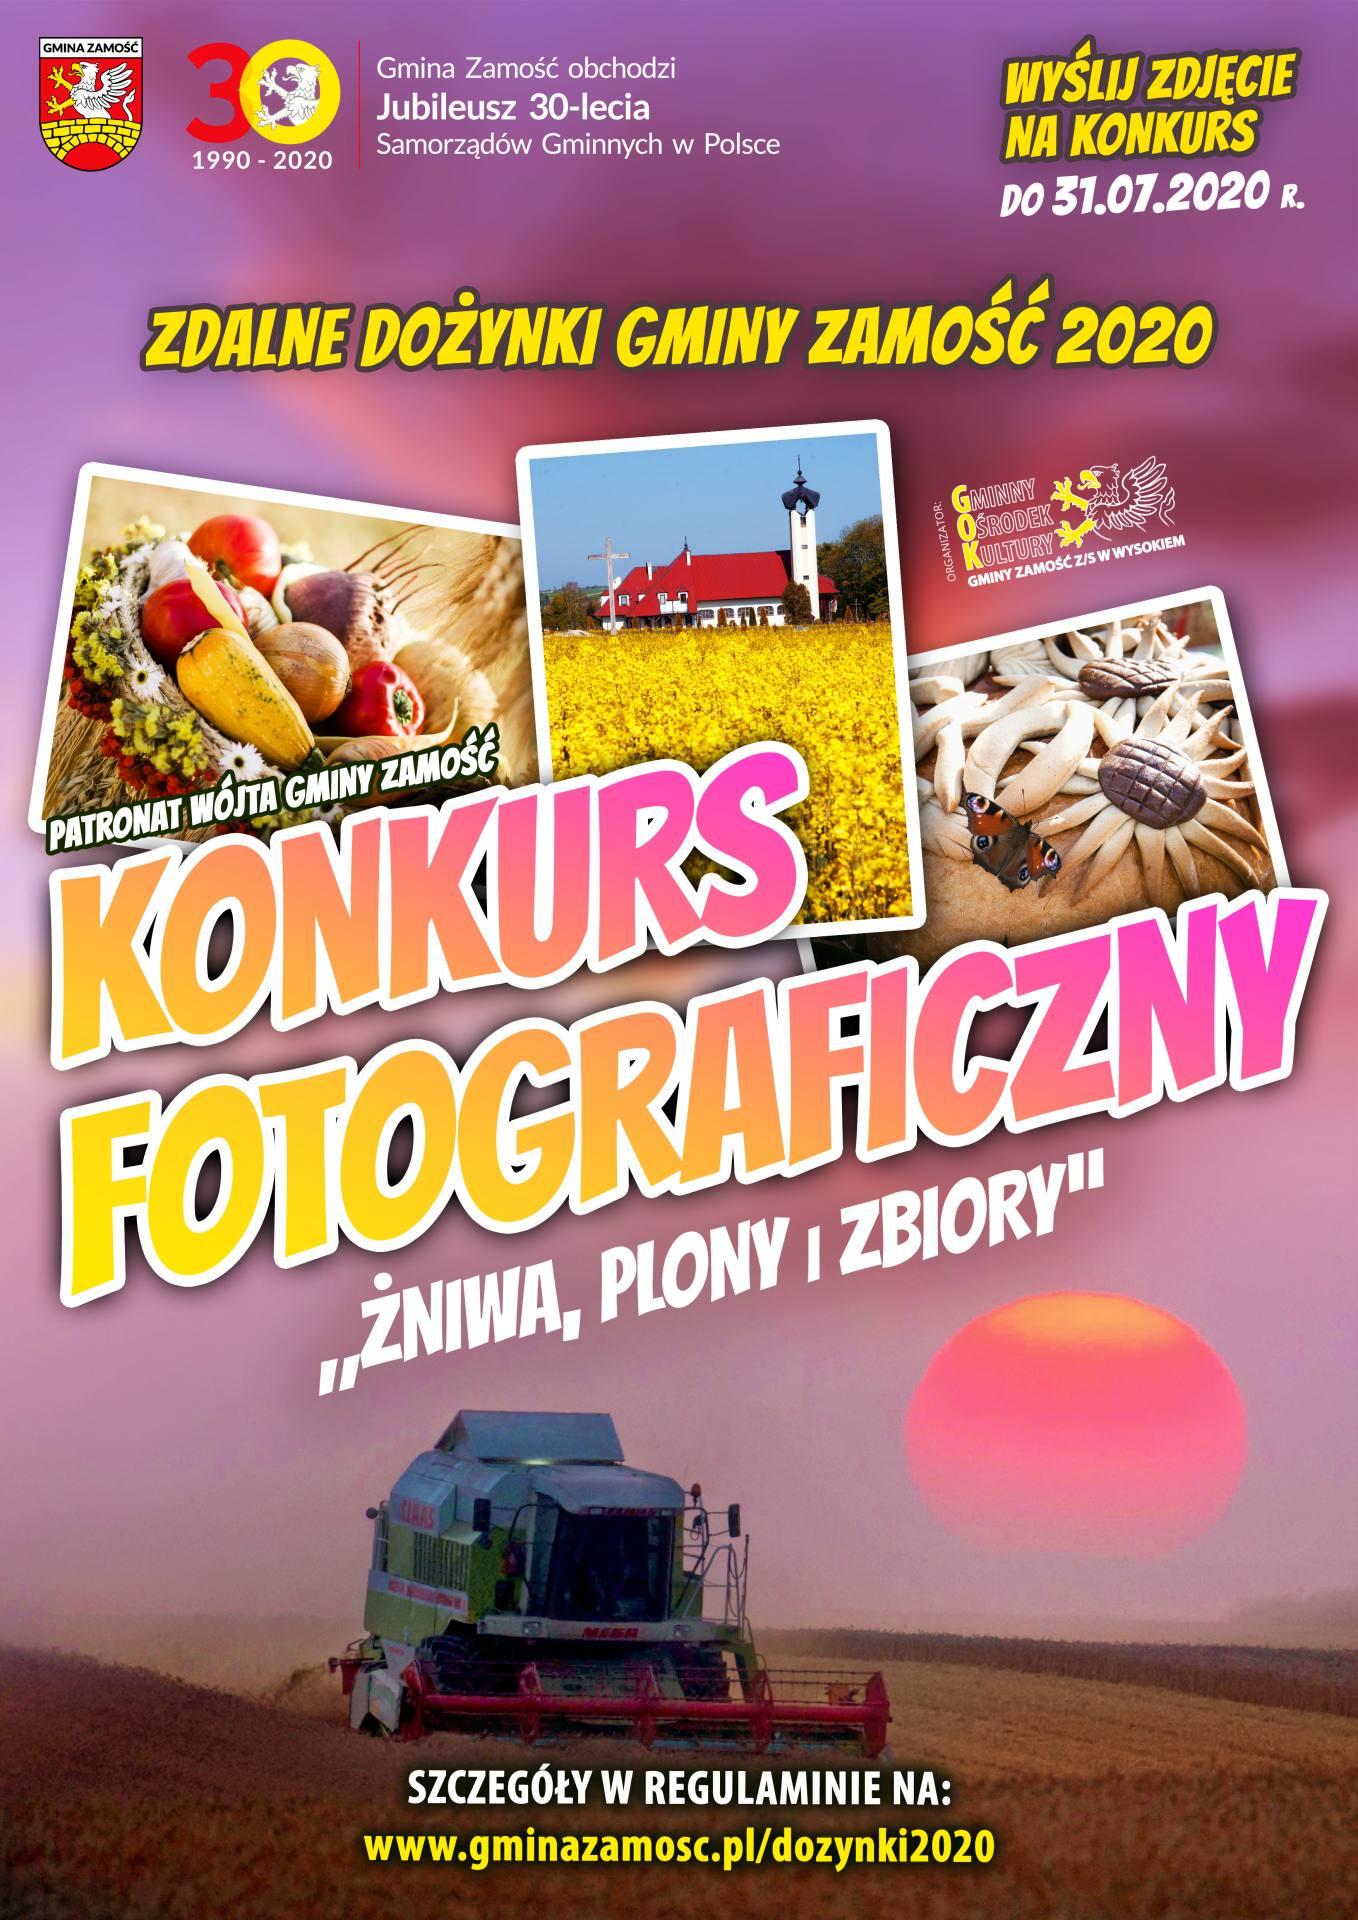 plakat konkursu foto 2020 dla mieszkaac284cac2b3w gminy zamoac29bac287 Nagrody pieniężne za najlepszą dożynkową fotkę